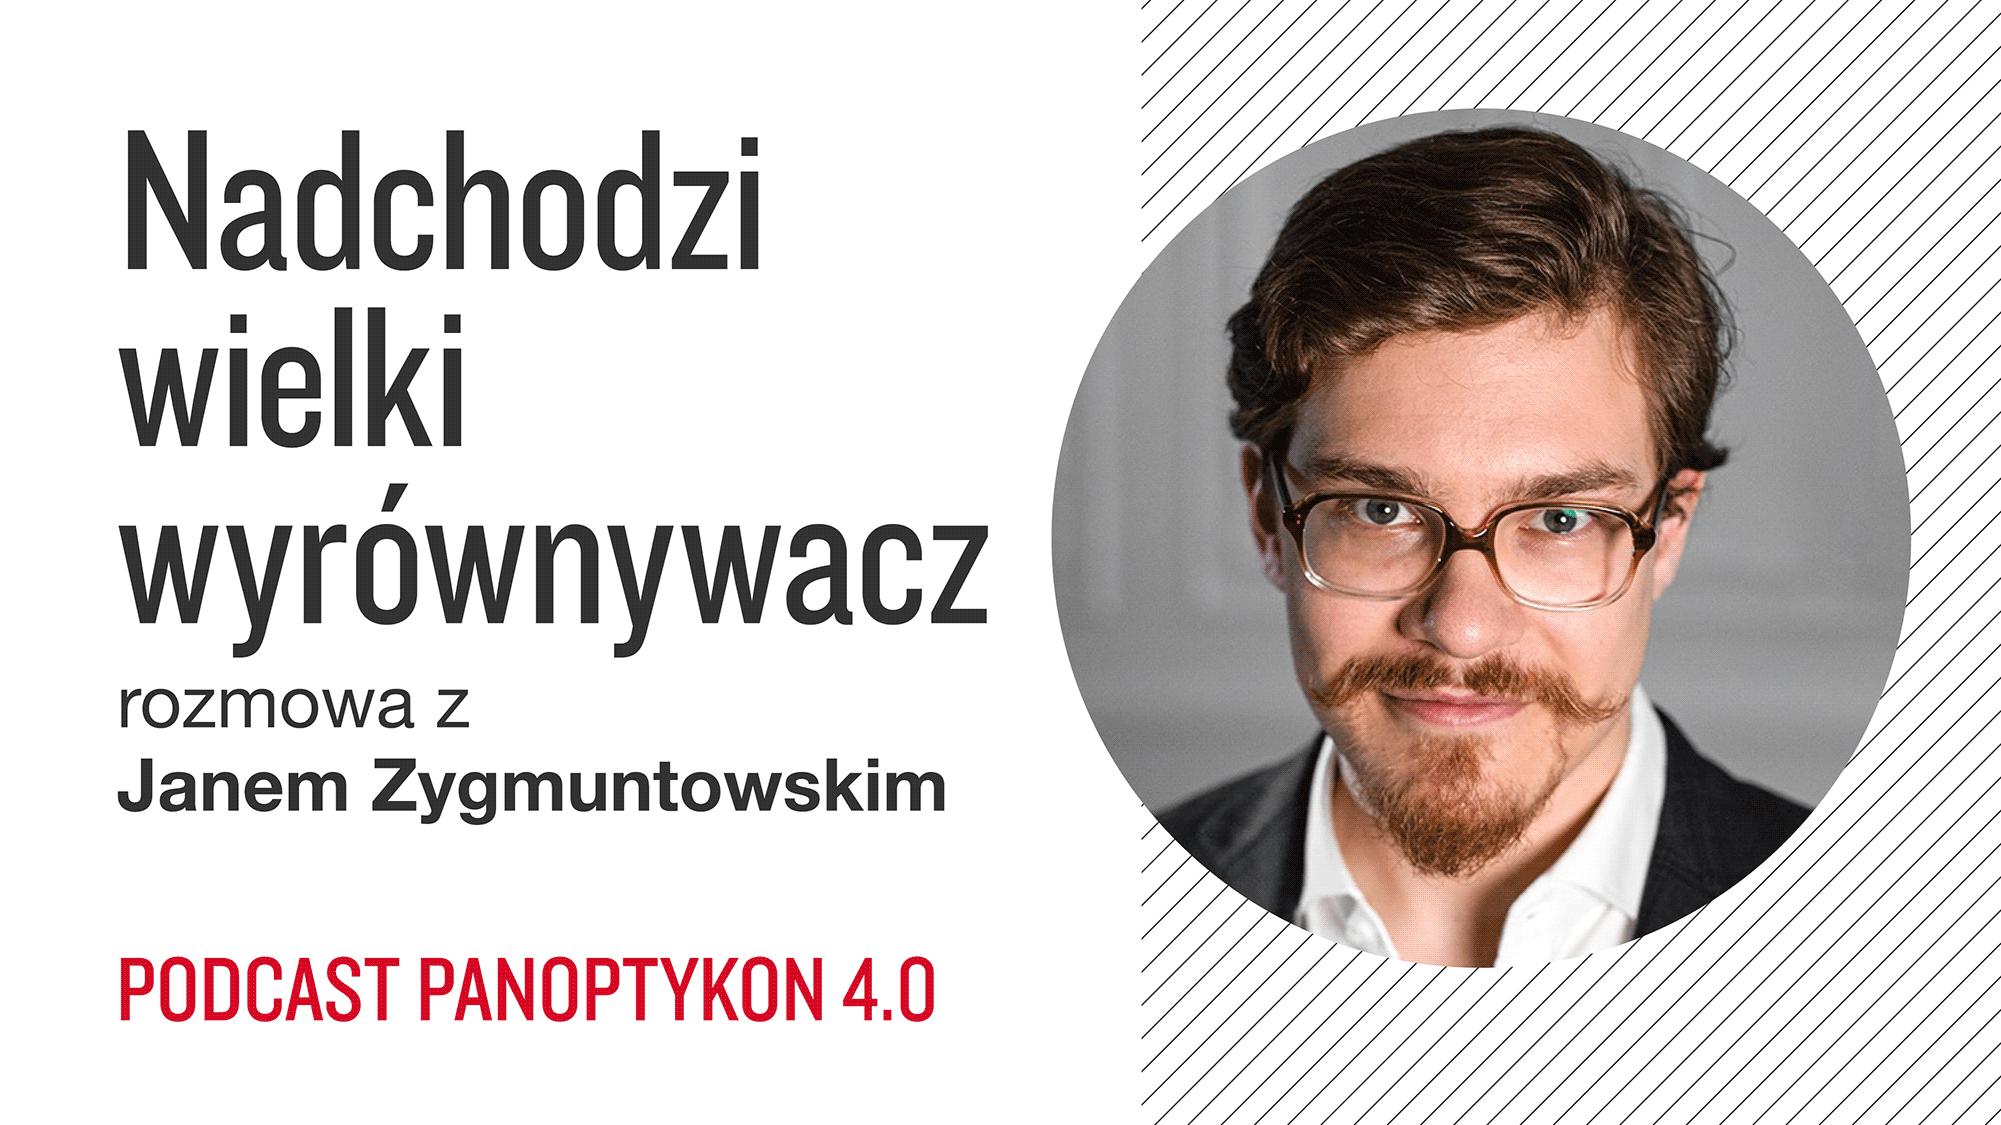 panoptykon.org